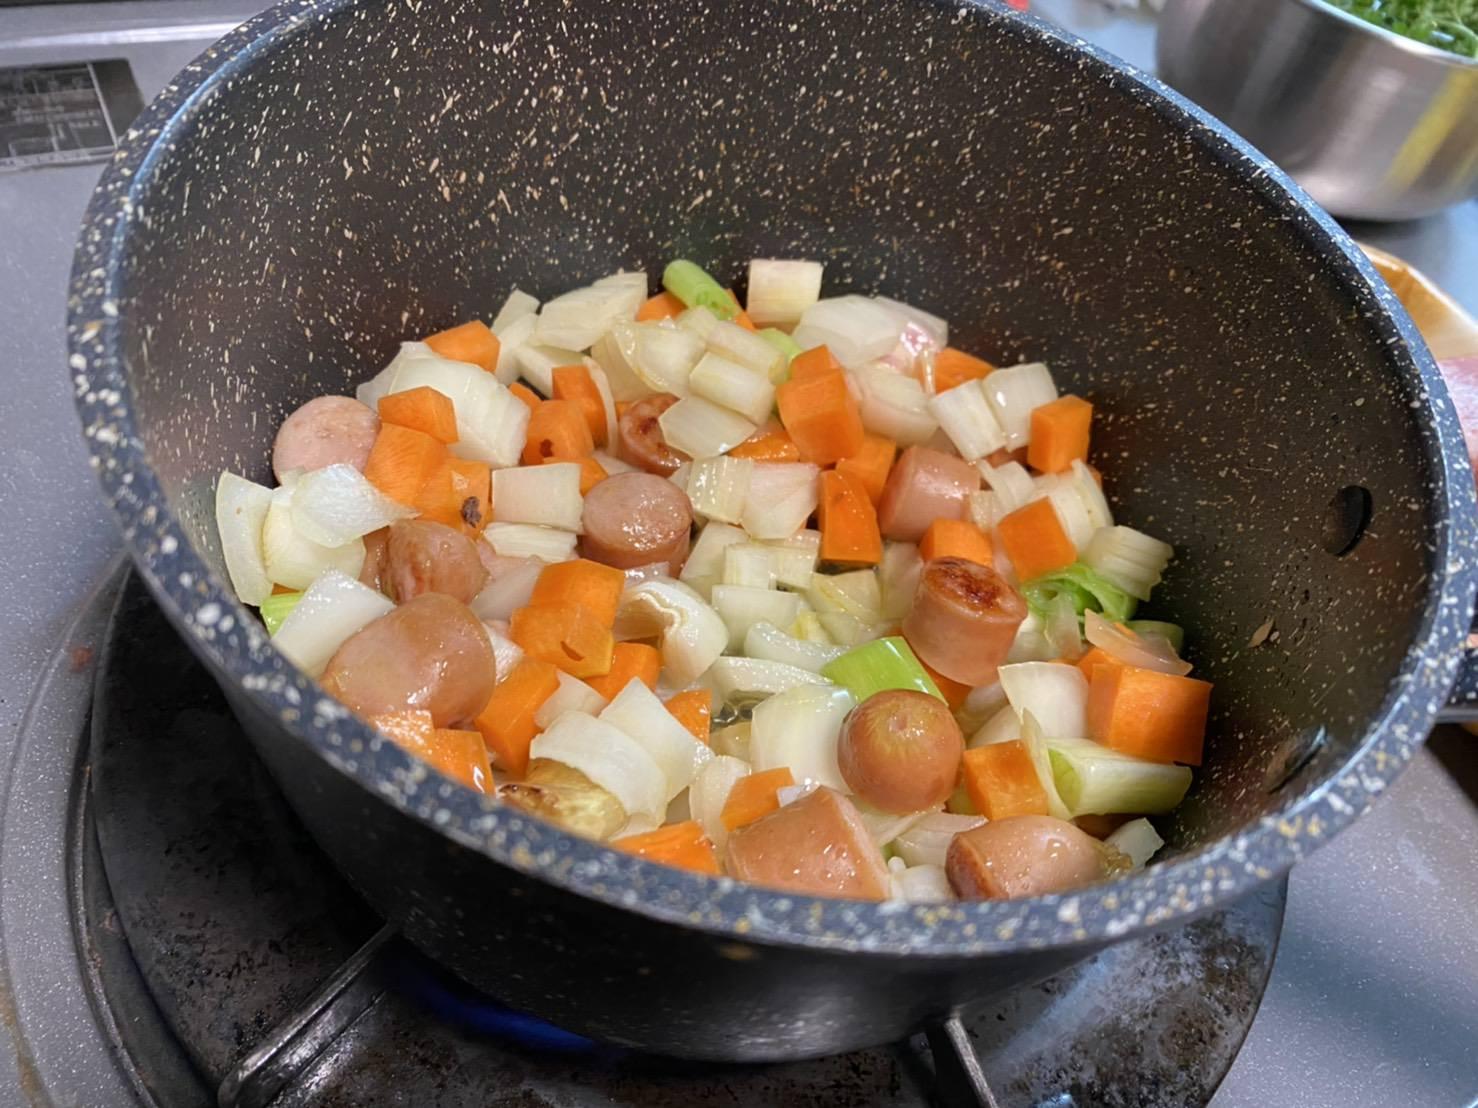 玉ねぎ、ニンジン、セロリ、ネギの白い部分を鍋に入れた画像です。